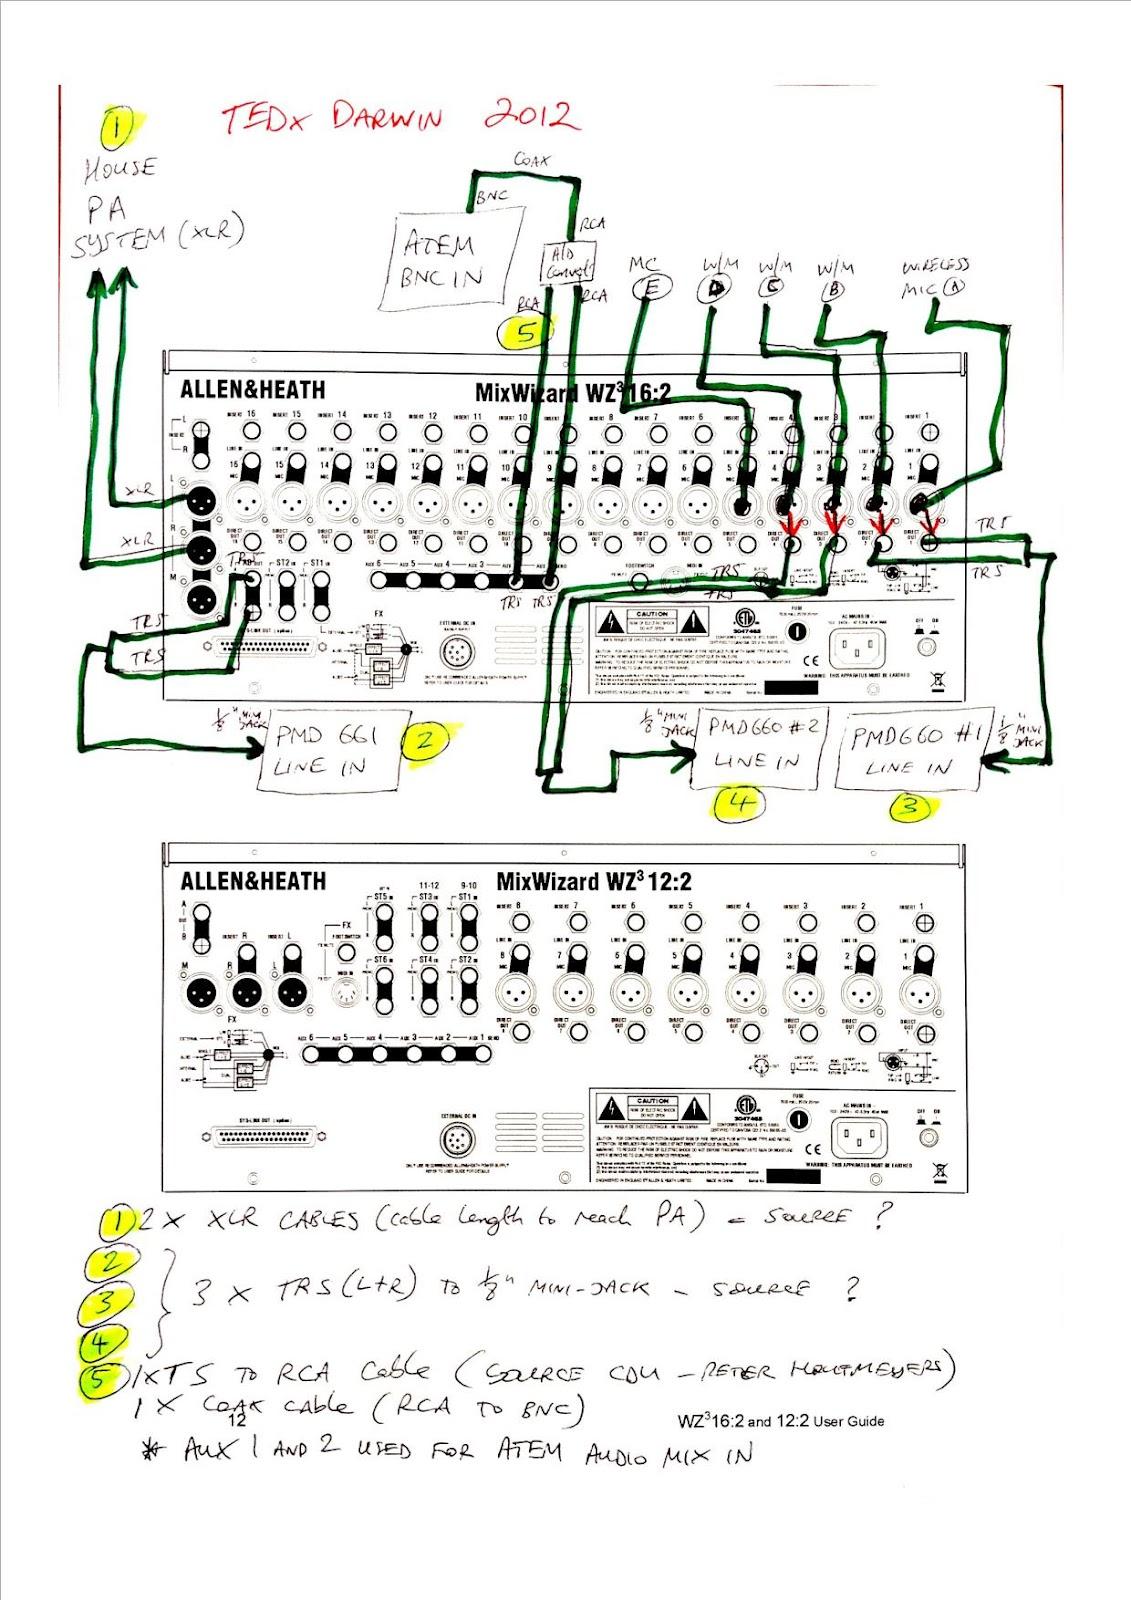 Mesmerizing Pa Wiring-diagram Photos - Best Image Wiring Diagram ...